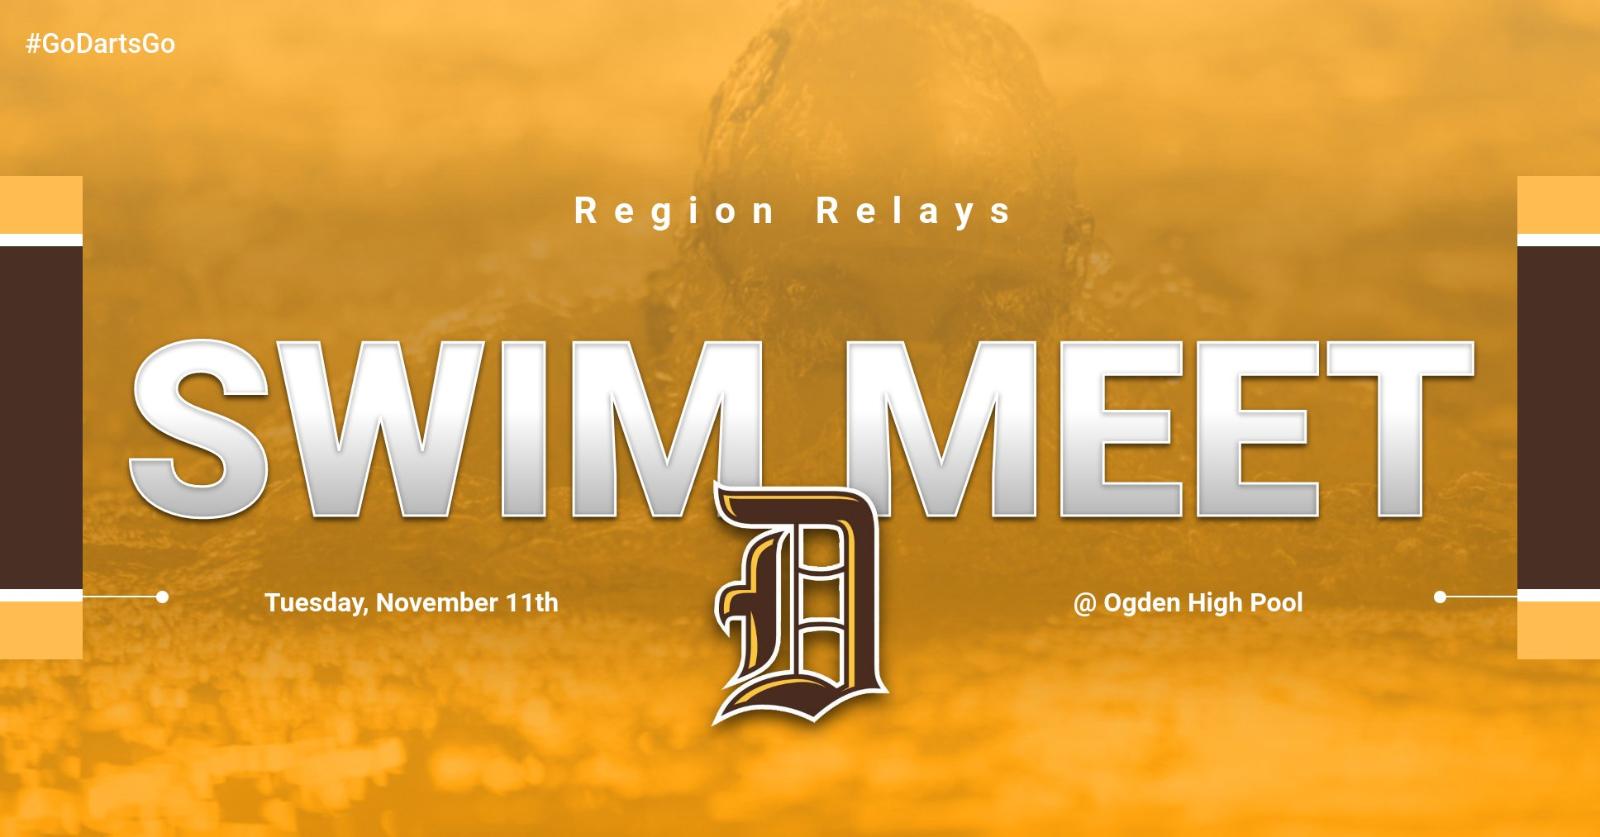 Davis Swim @ Region Relays on Tuesday!!!